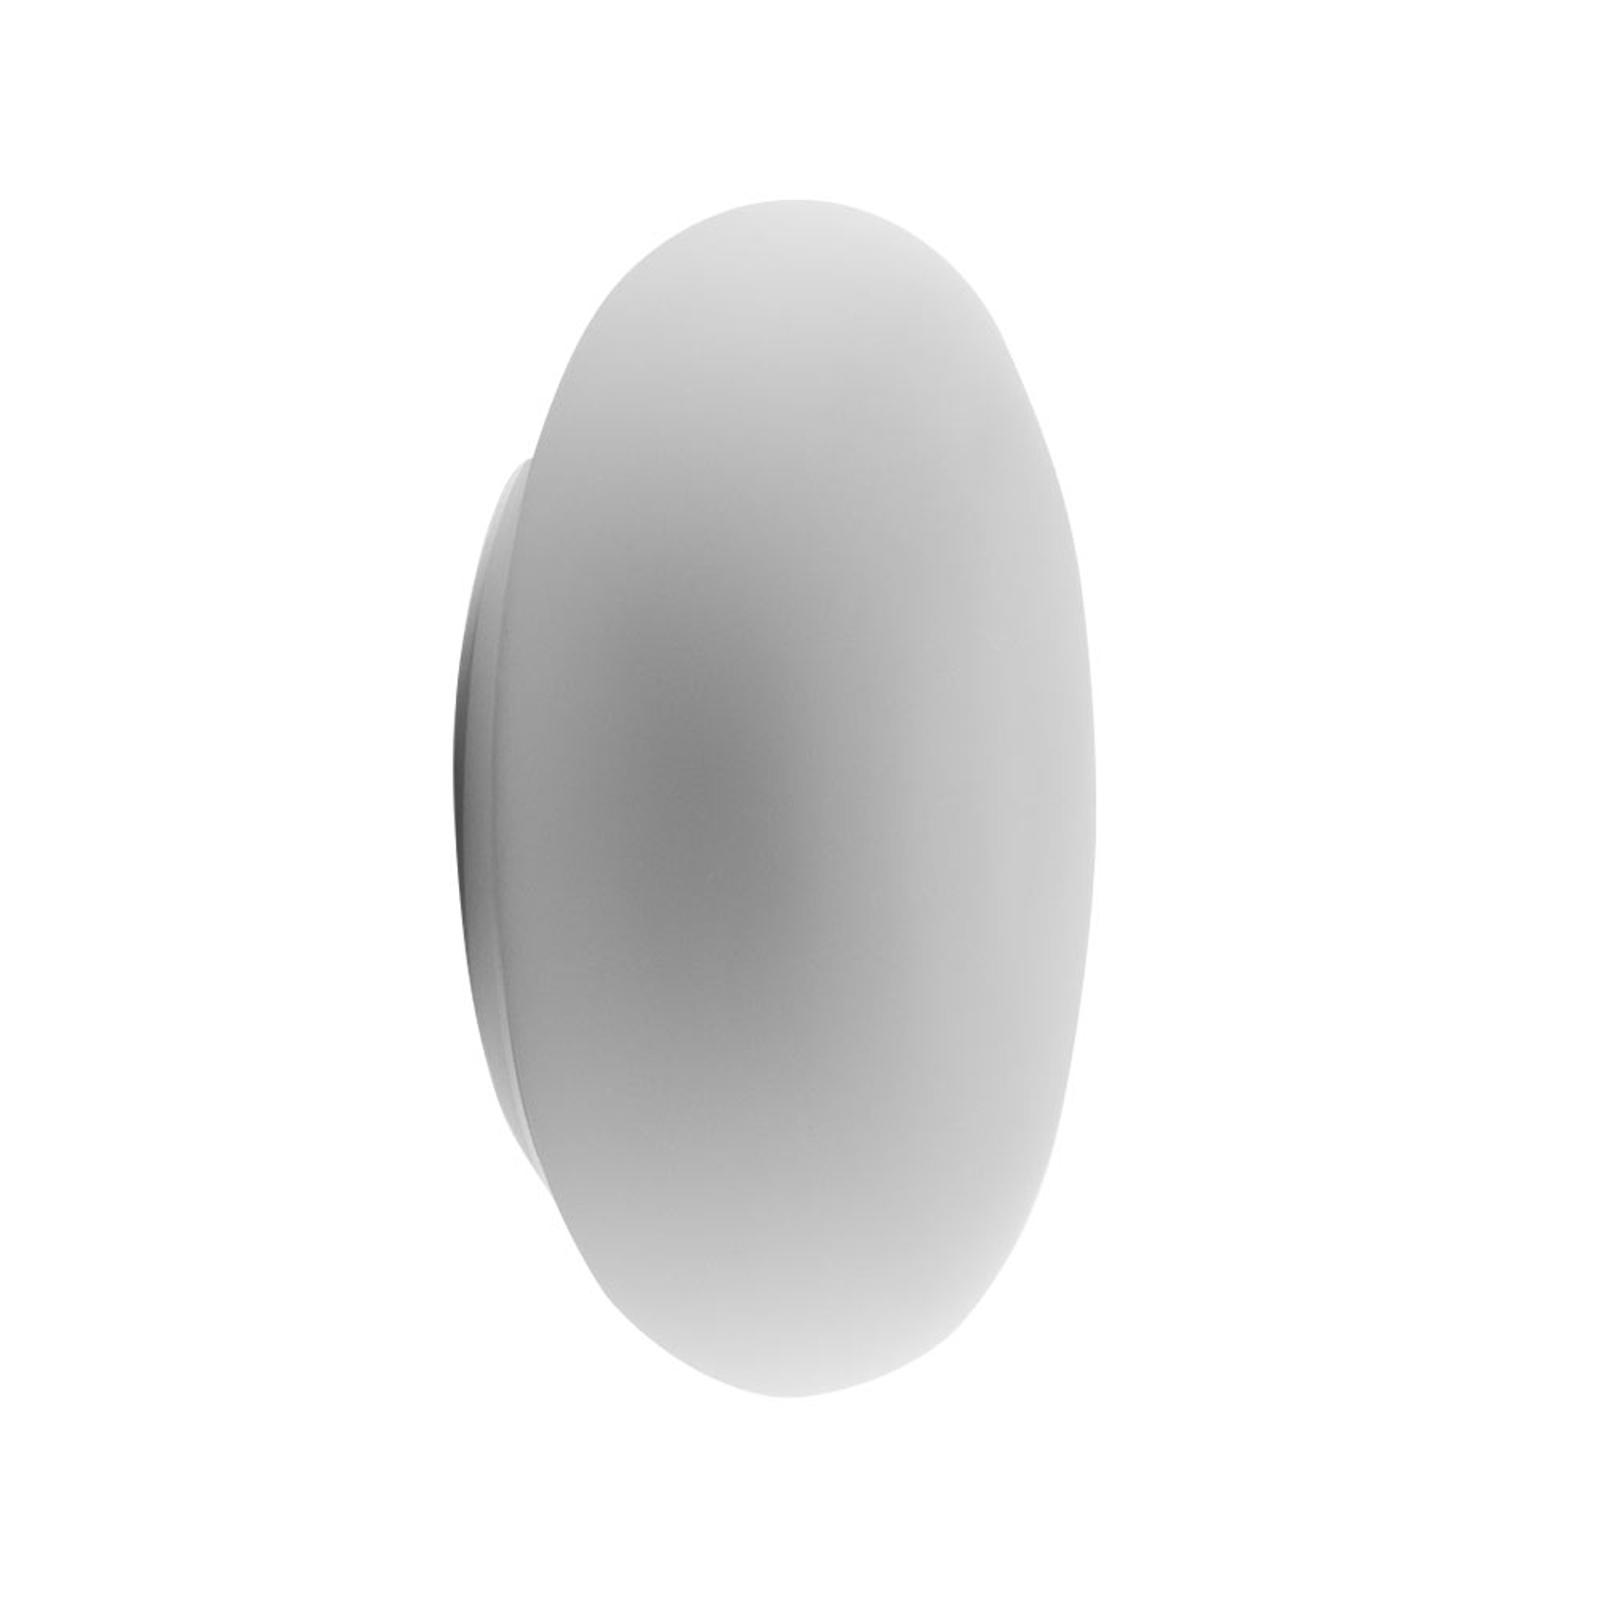 Artemide Itka szklana lampa ścienna IP65 Ø 20 cm